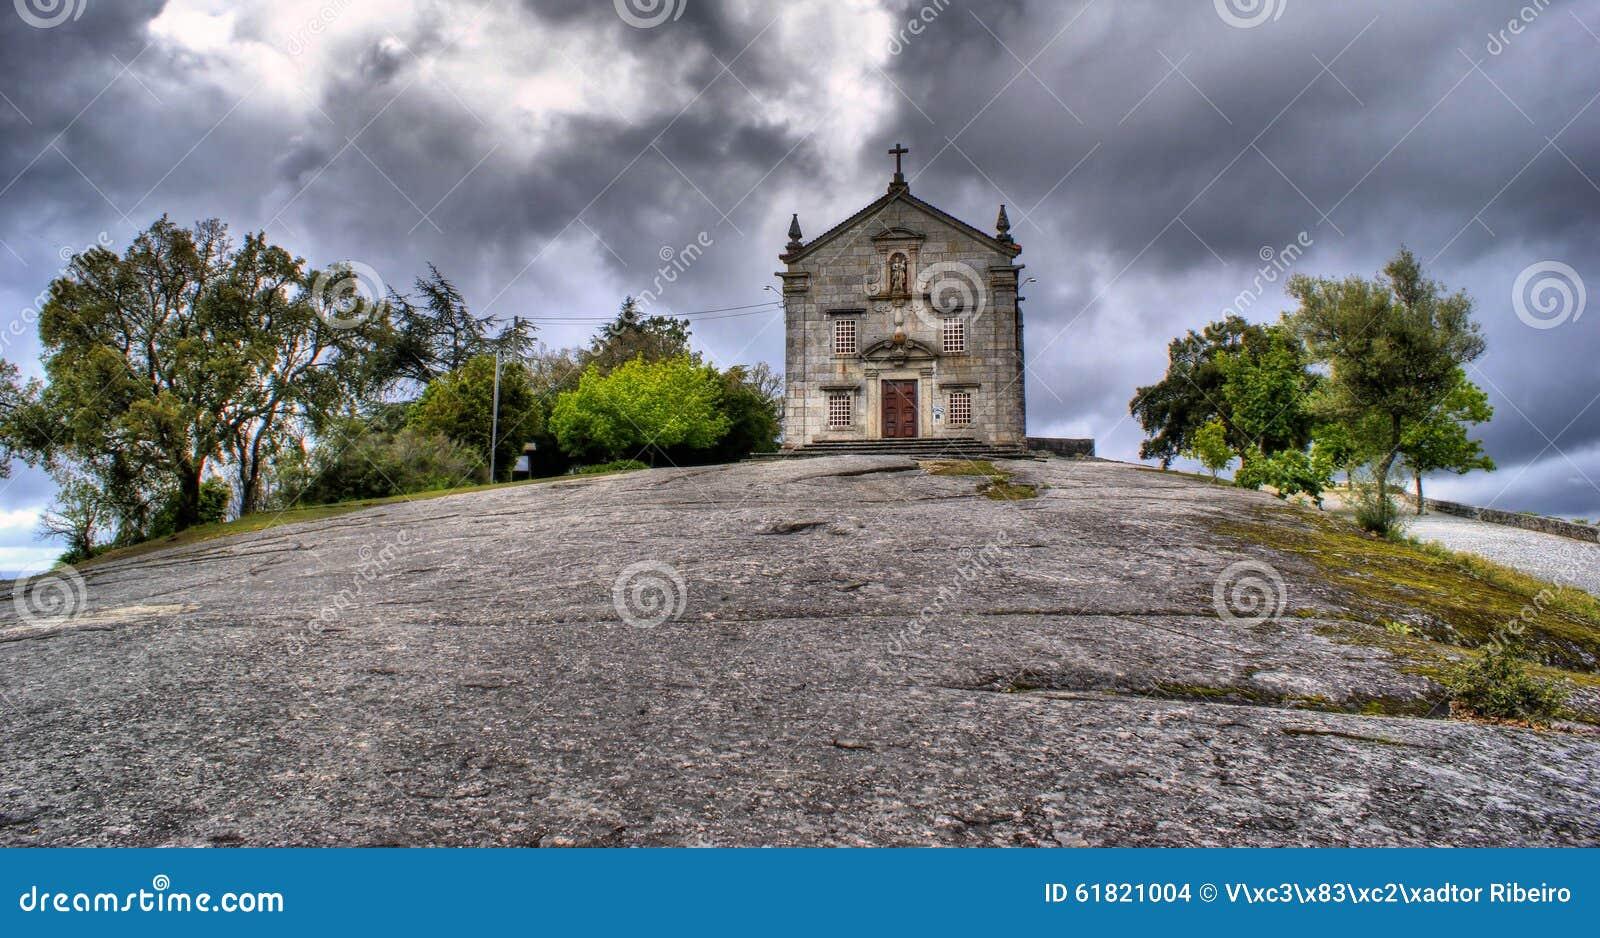 Our Lady of Pilar sanctuary in Povoa de Lanhoso